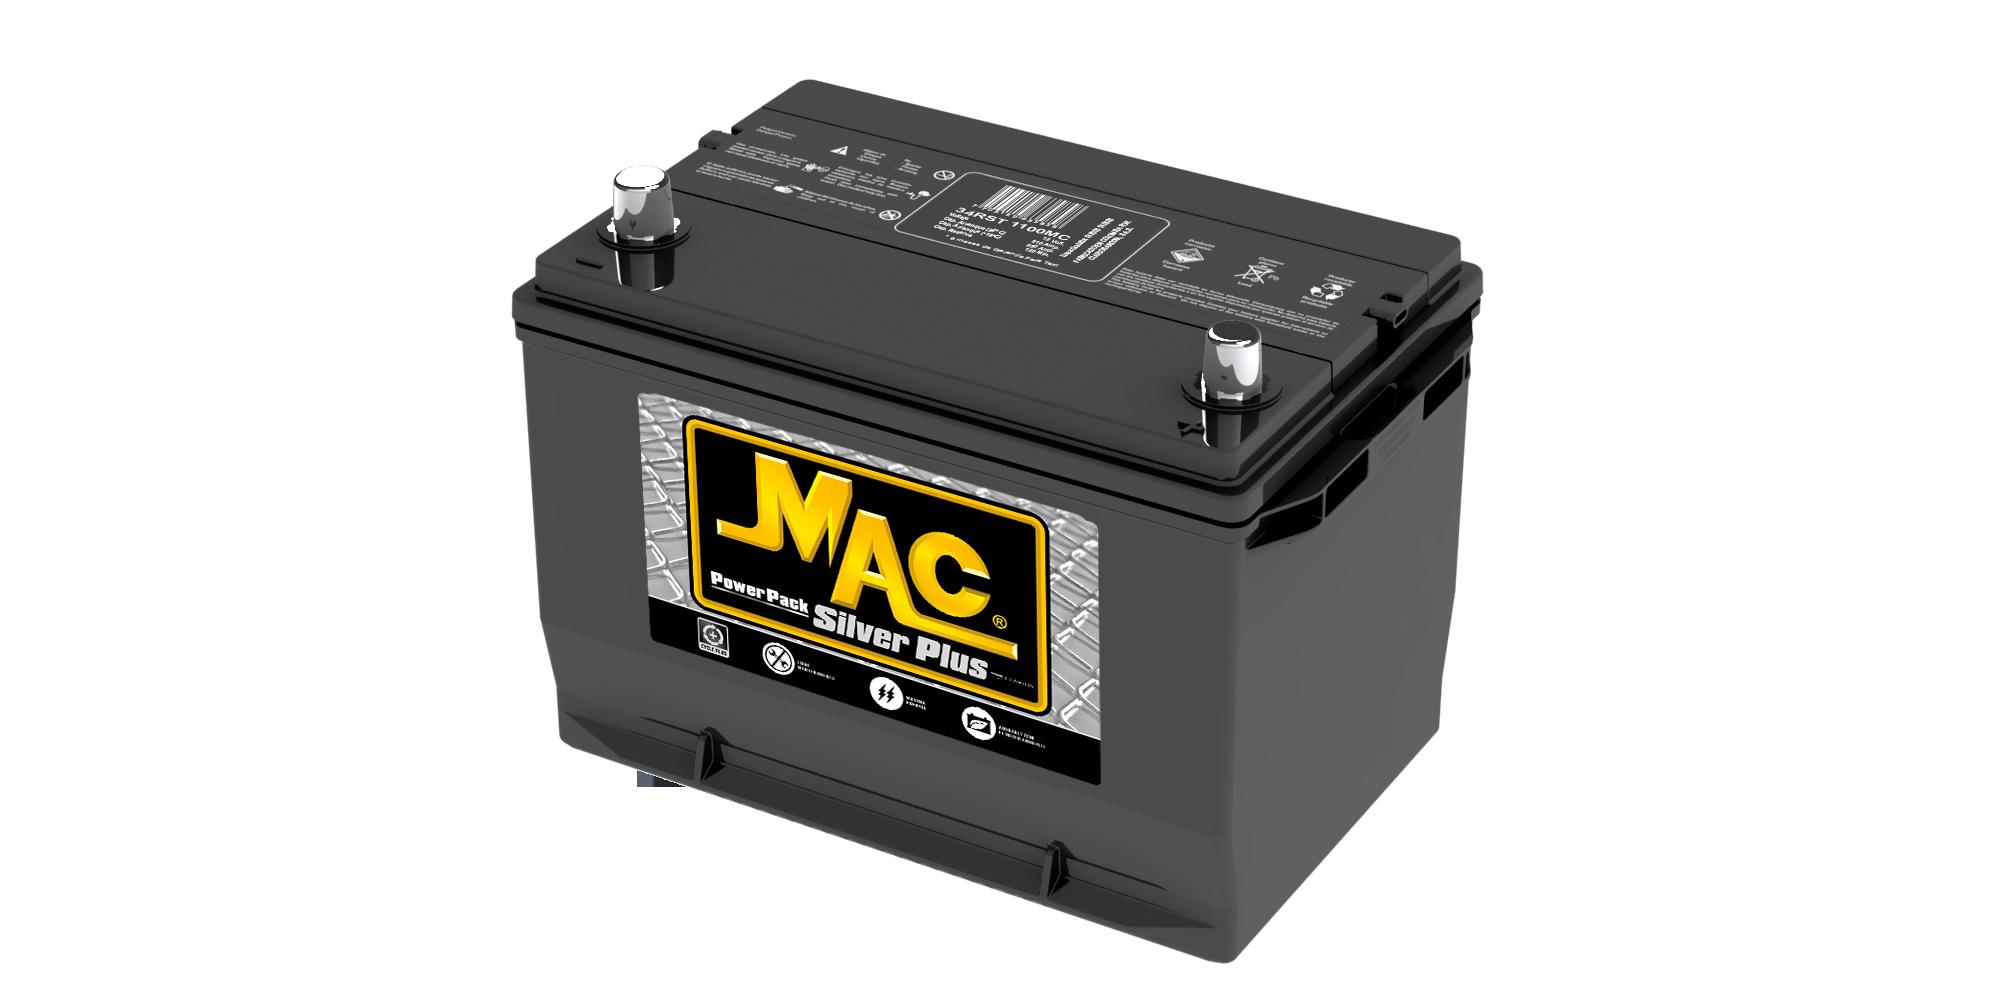 Baterias Mac 34RST1100MC Domicilio gratis